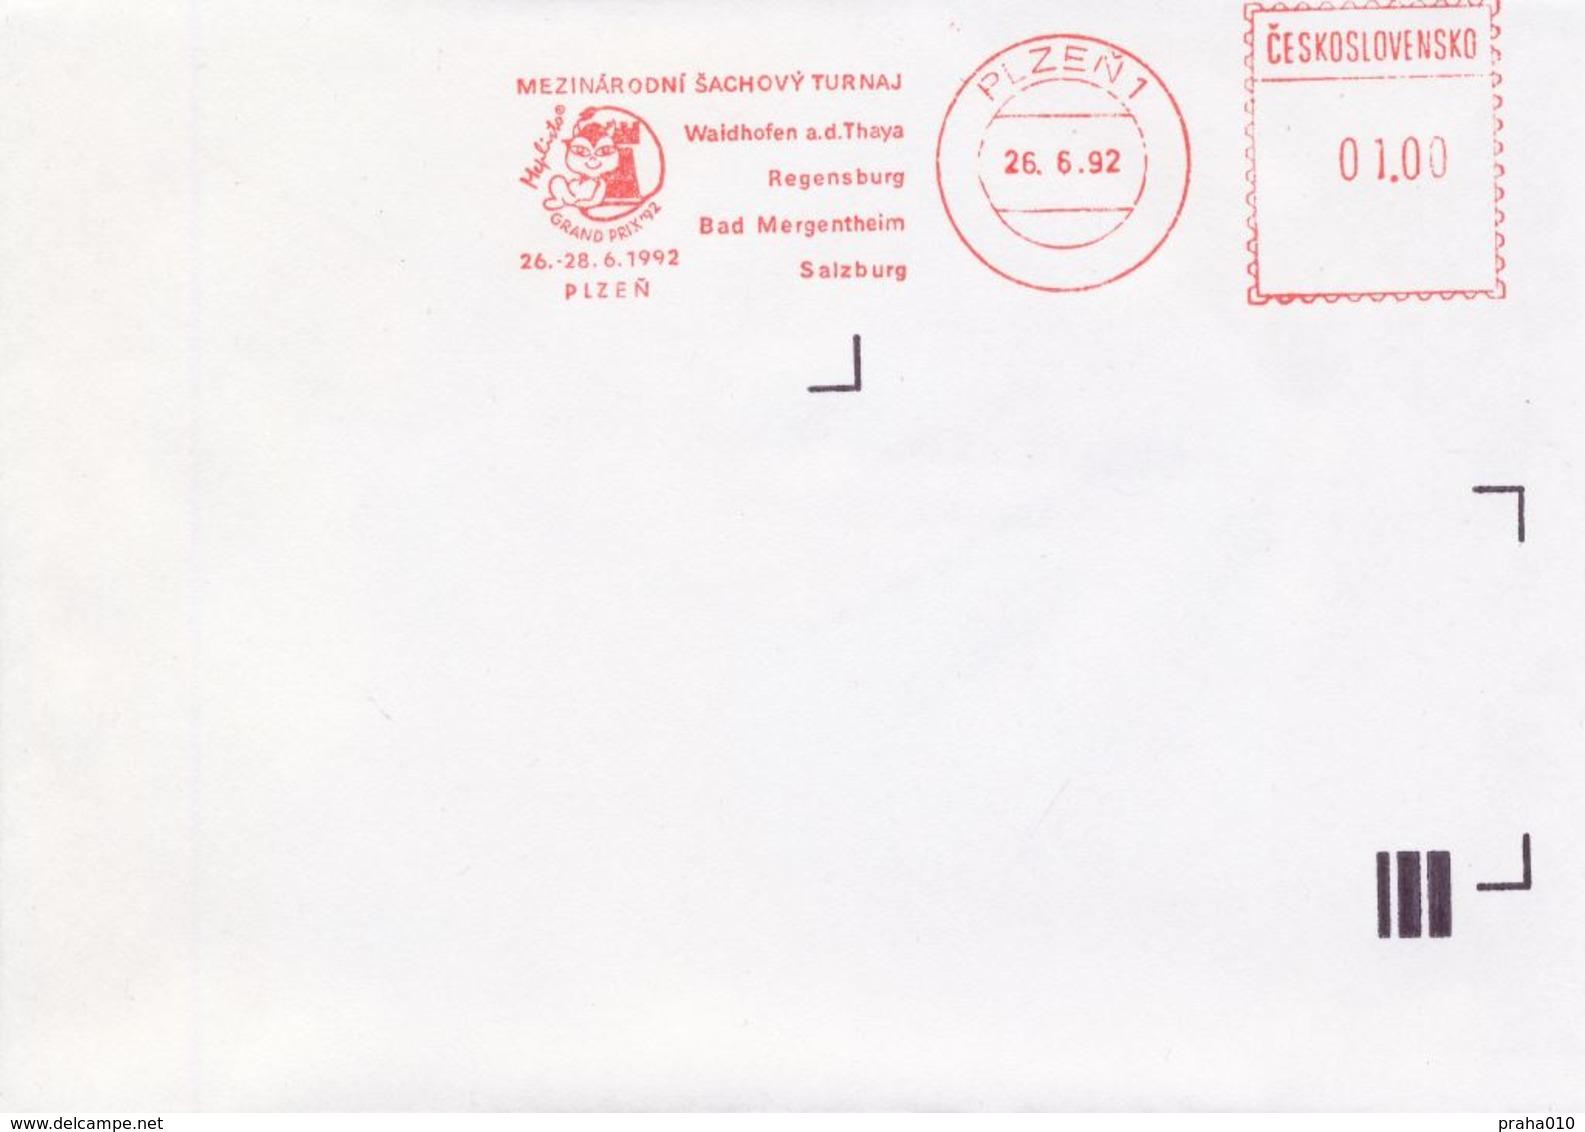 J0886 - Cecoslovacchia (1992) Plzen 1: Internationales Schachturnier Mephisto GRAND PRIX '92 - Scacchi